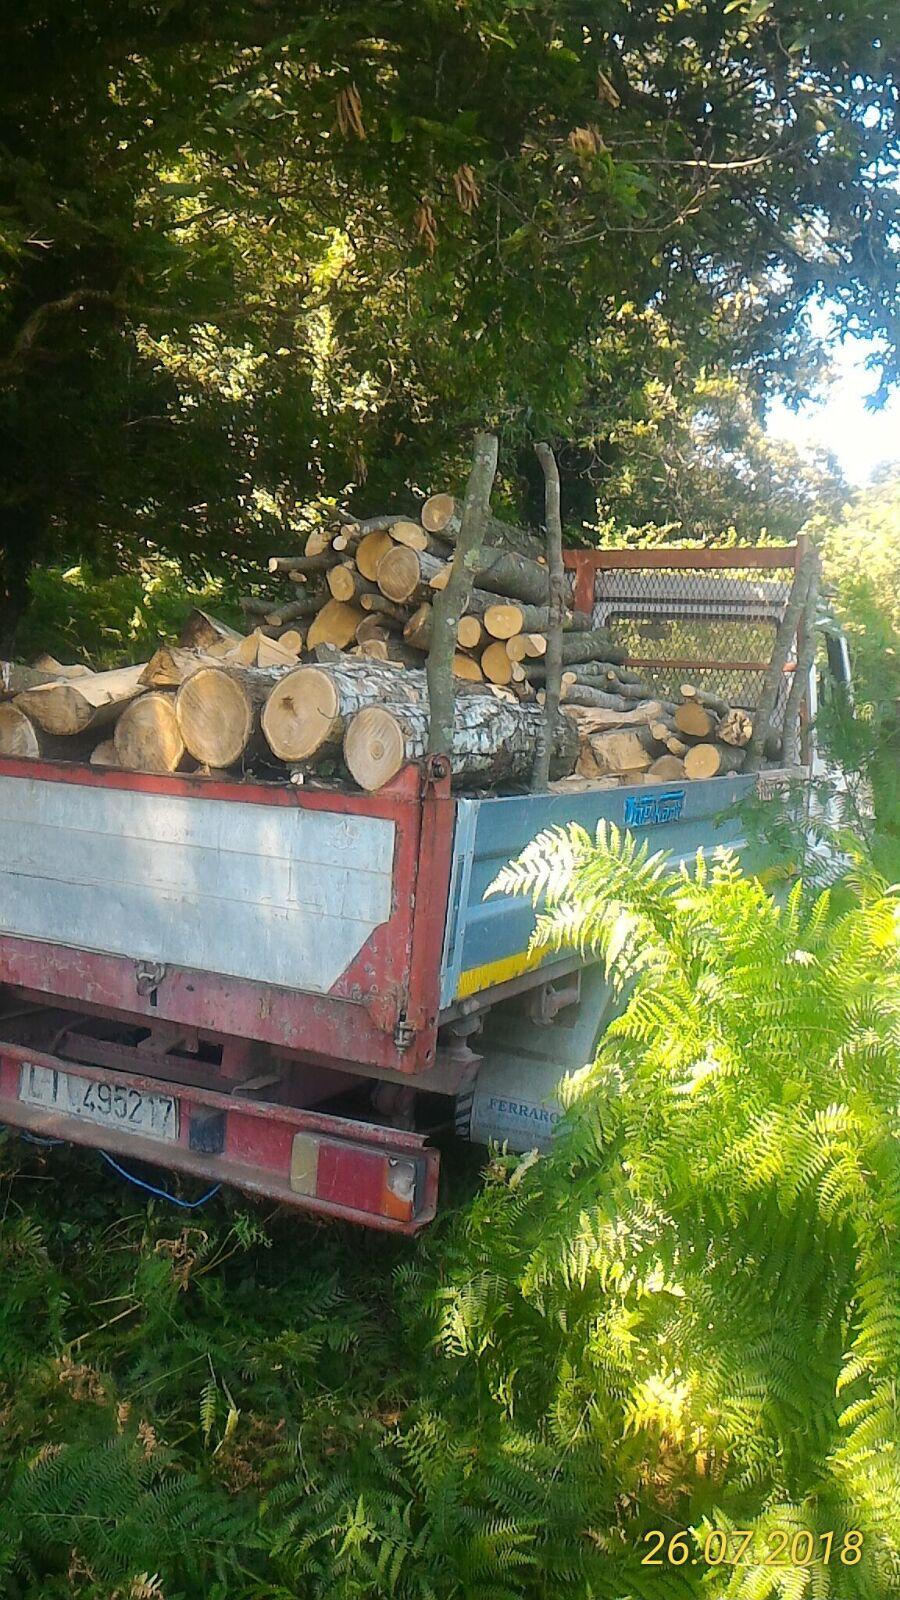 Furto di legna nel parco del Partenio, ladro arrestato dai forestali di Airola e Sant'Agata